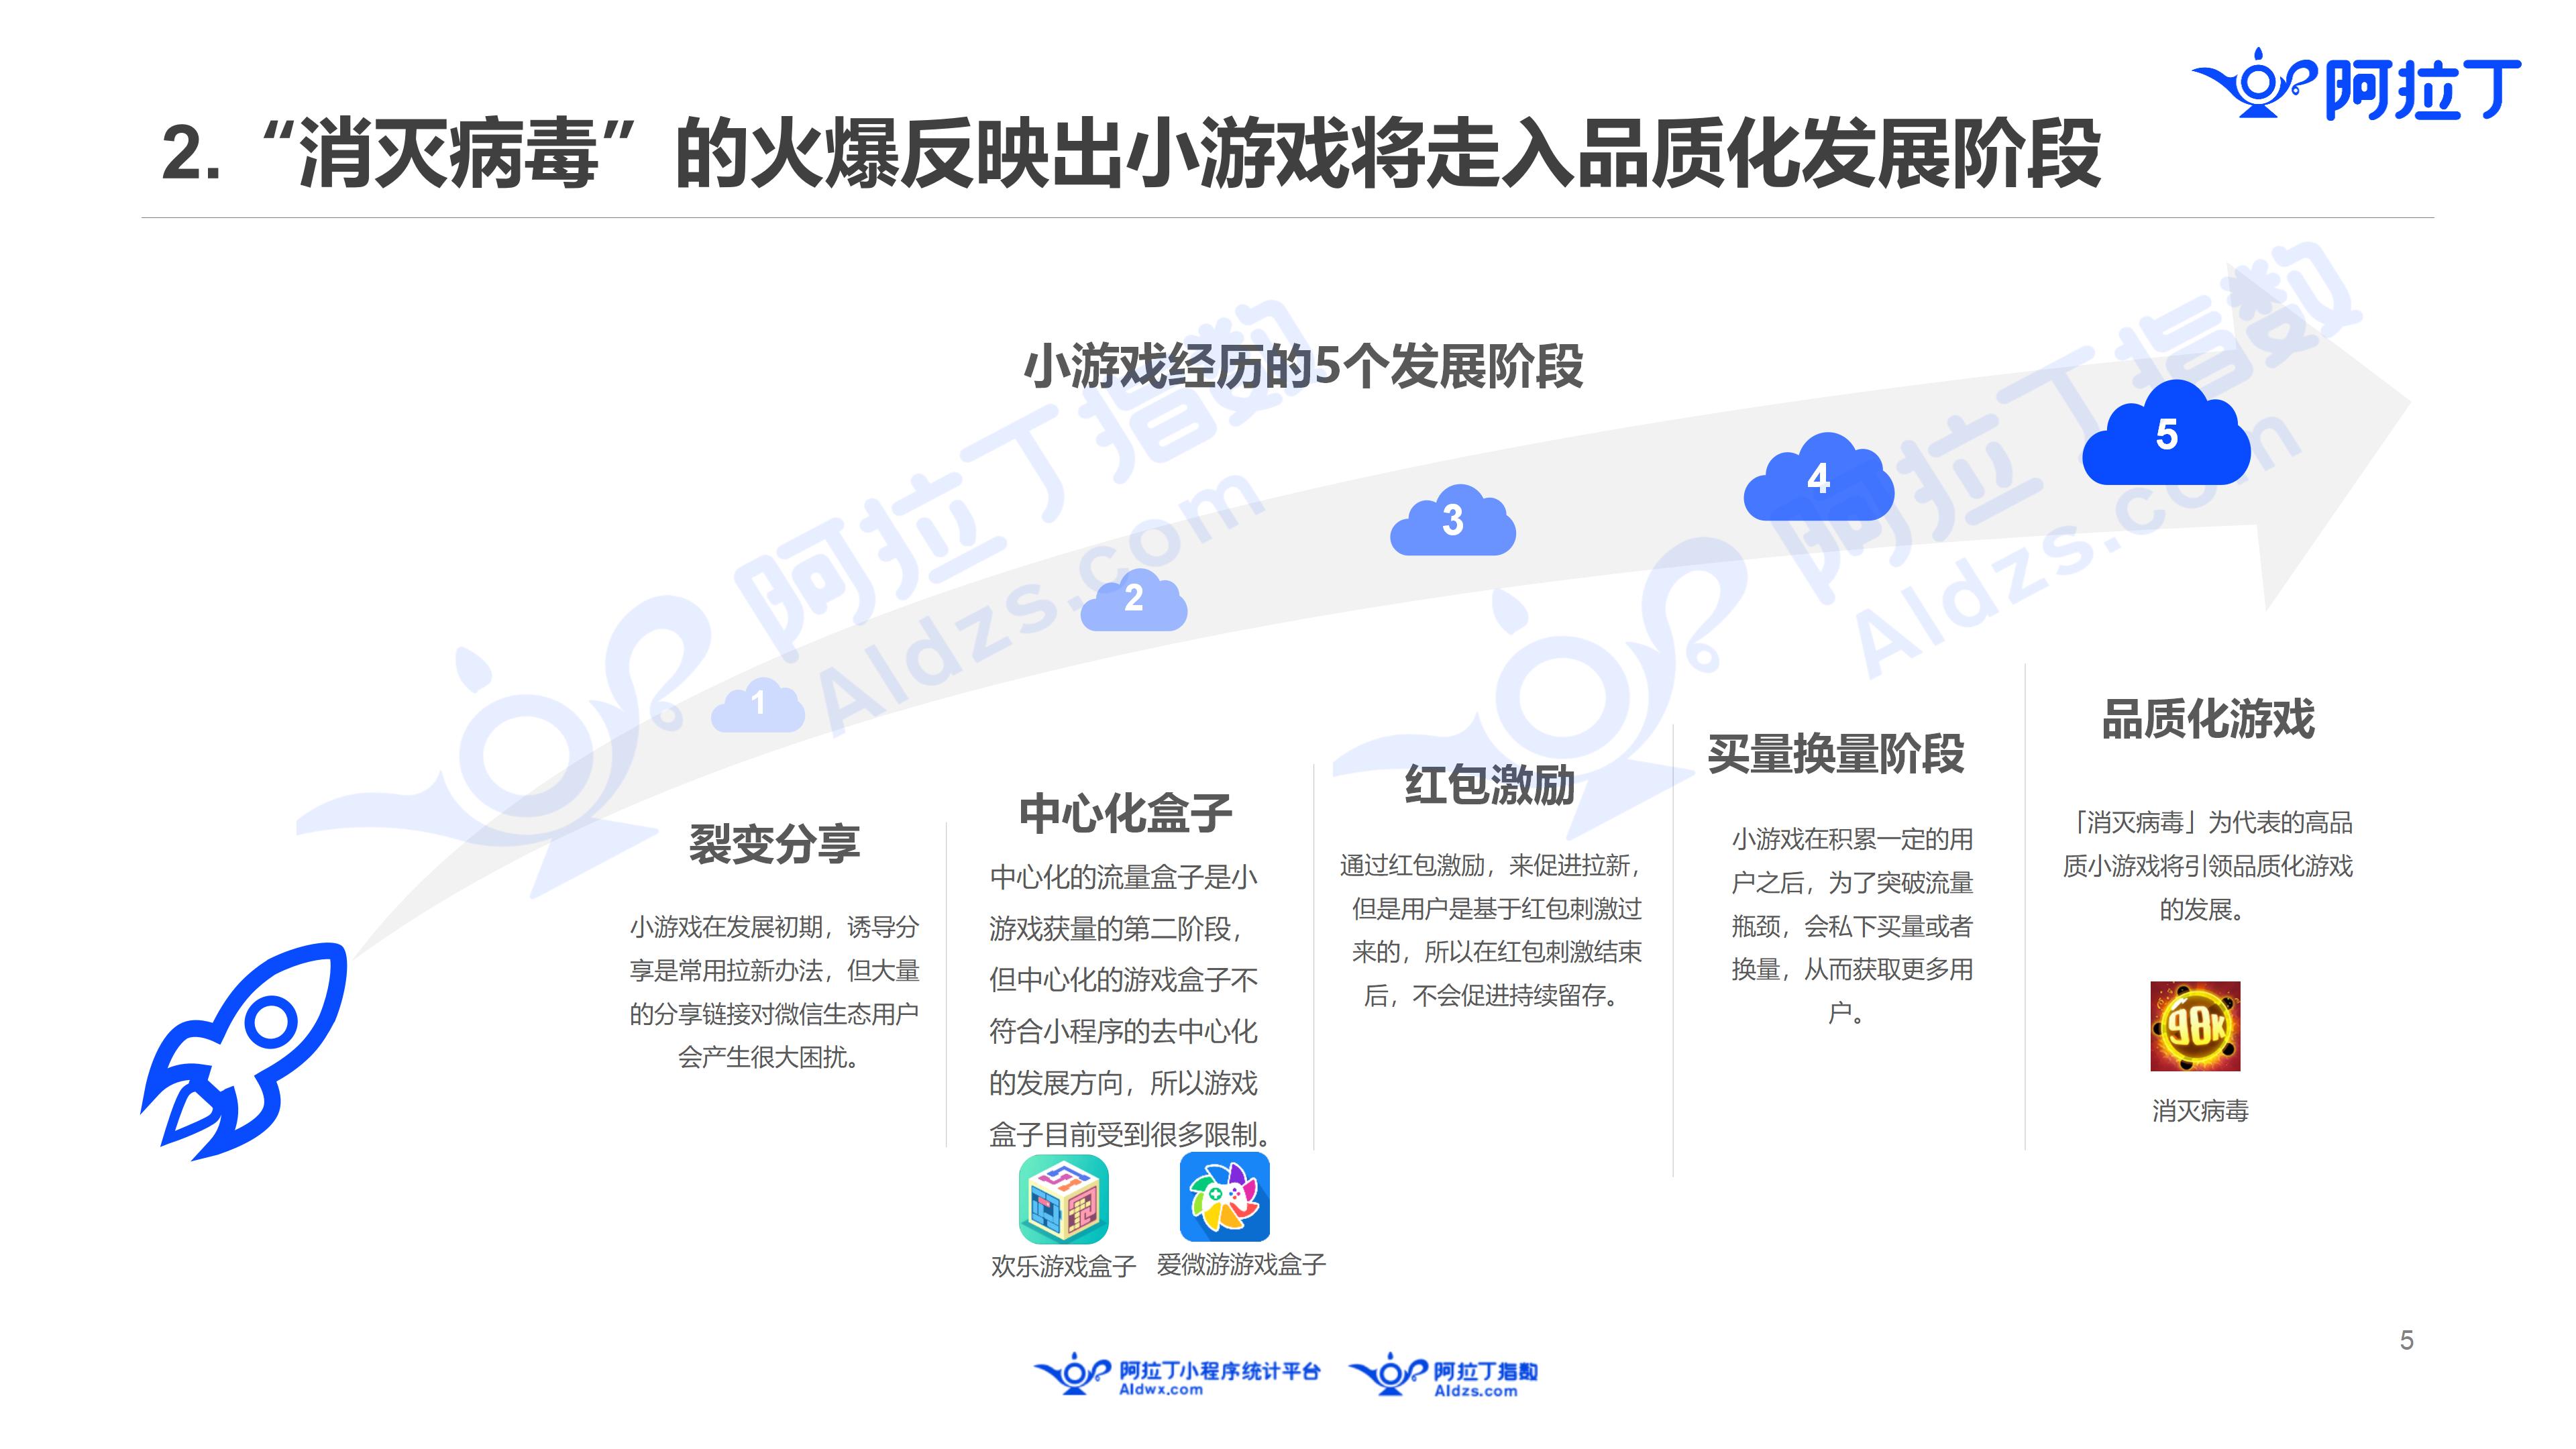 2019年3月中国小程序行业月度报告v5(1)_05.png